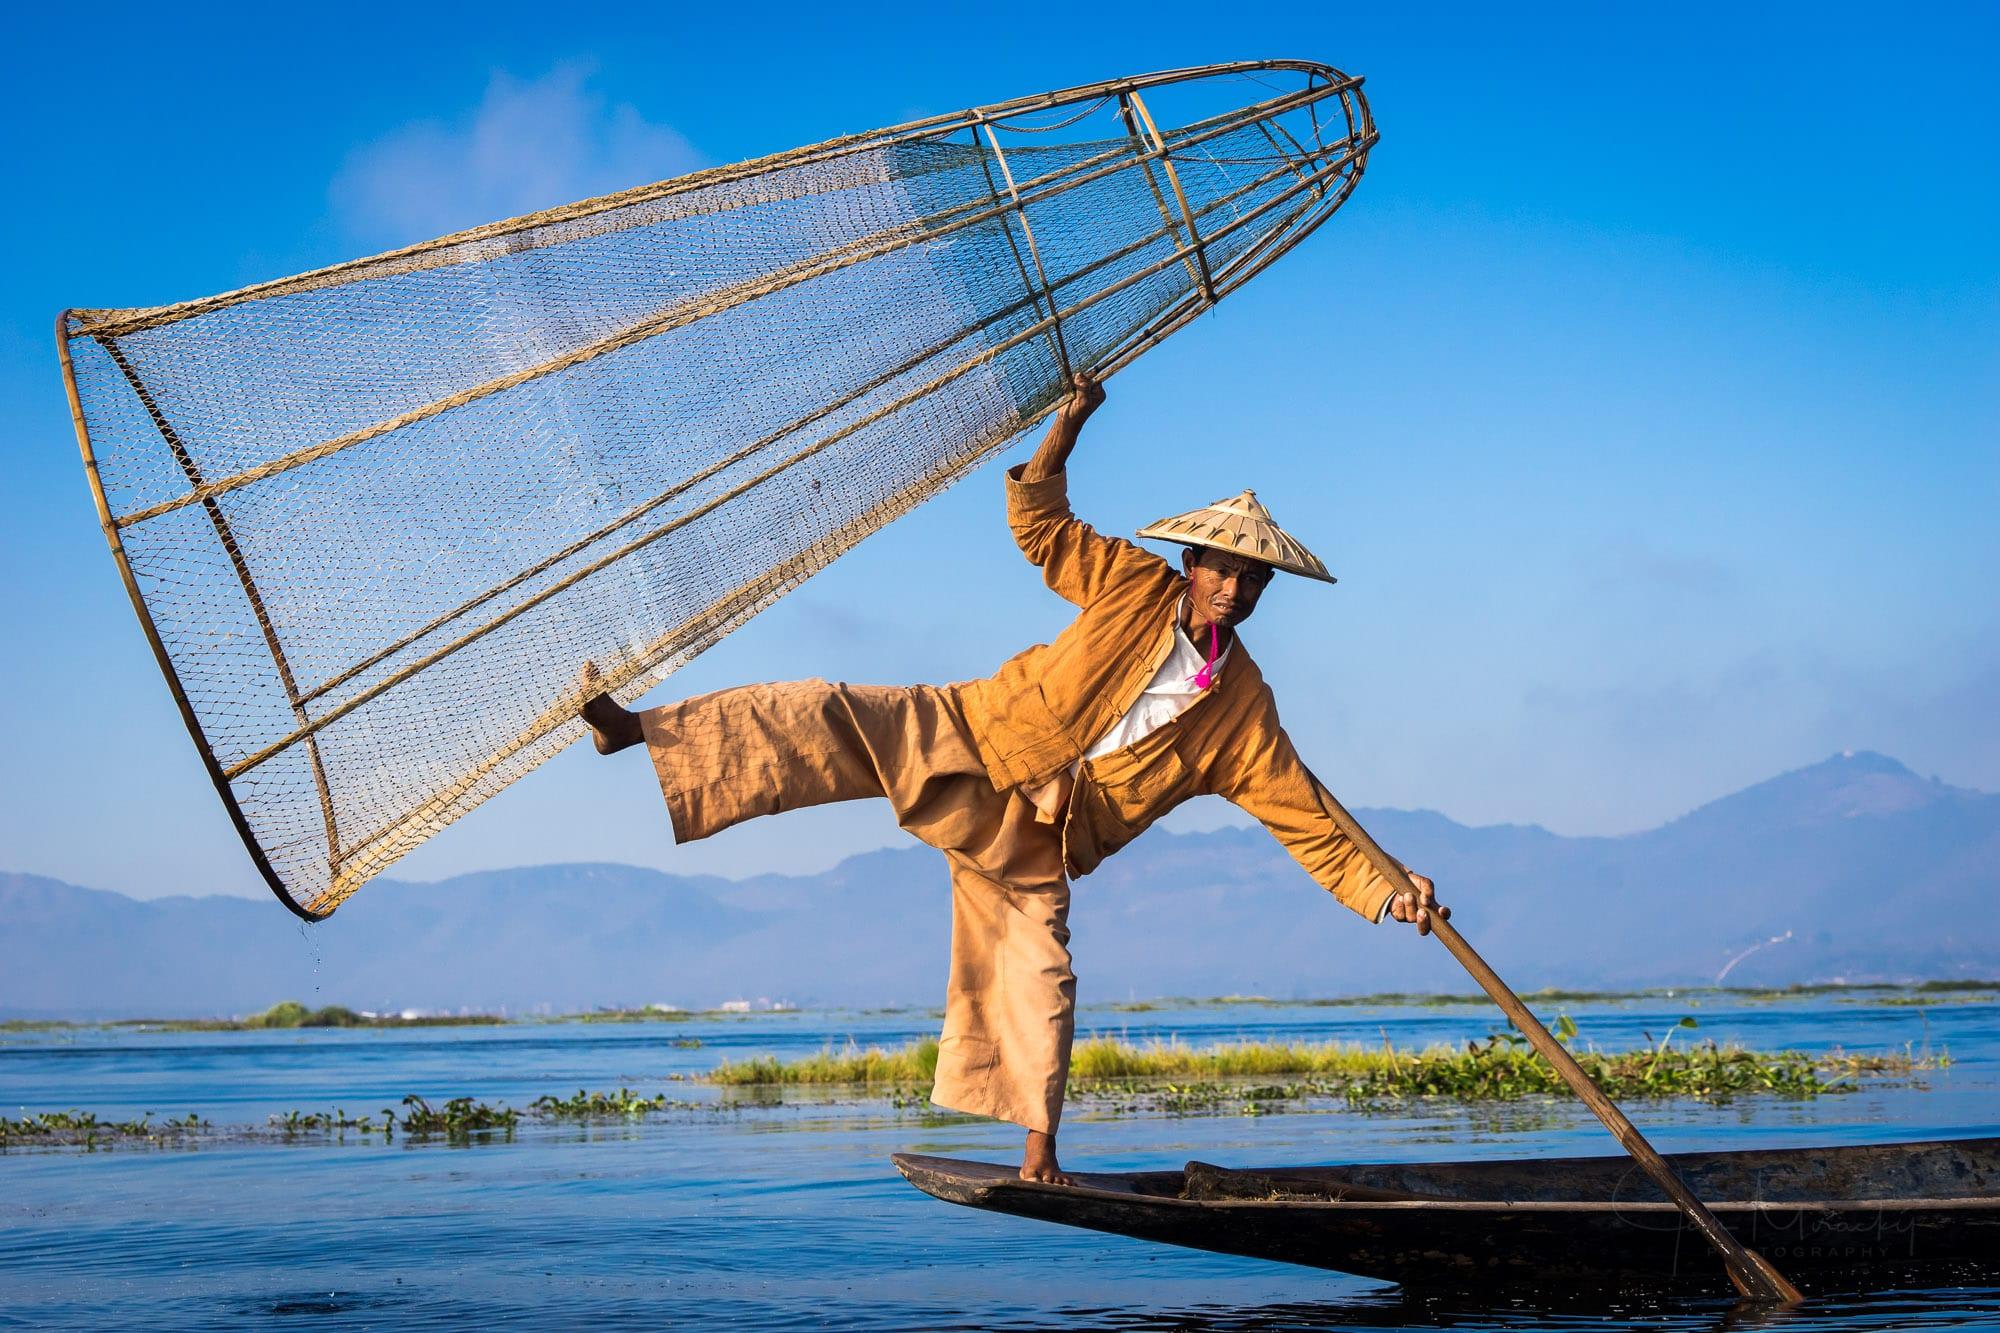 Fisherman at Lake Inle